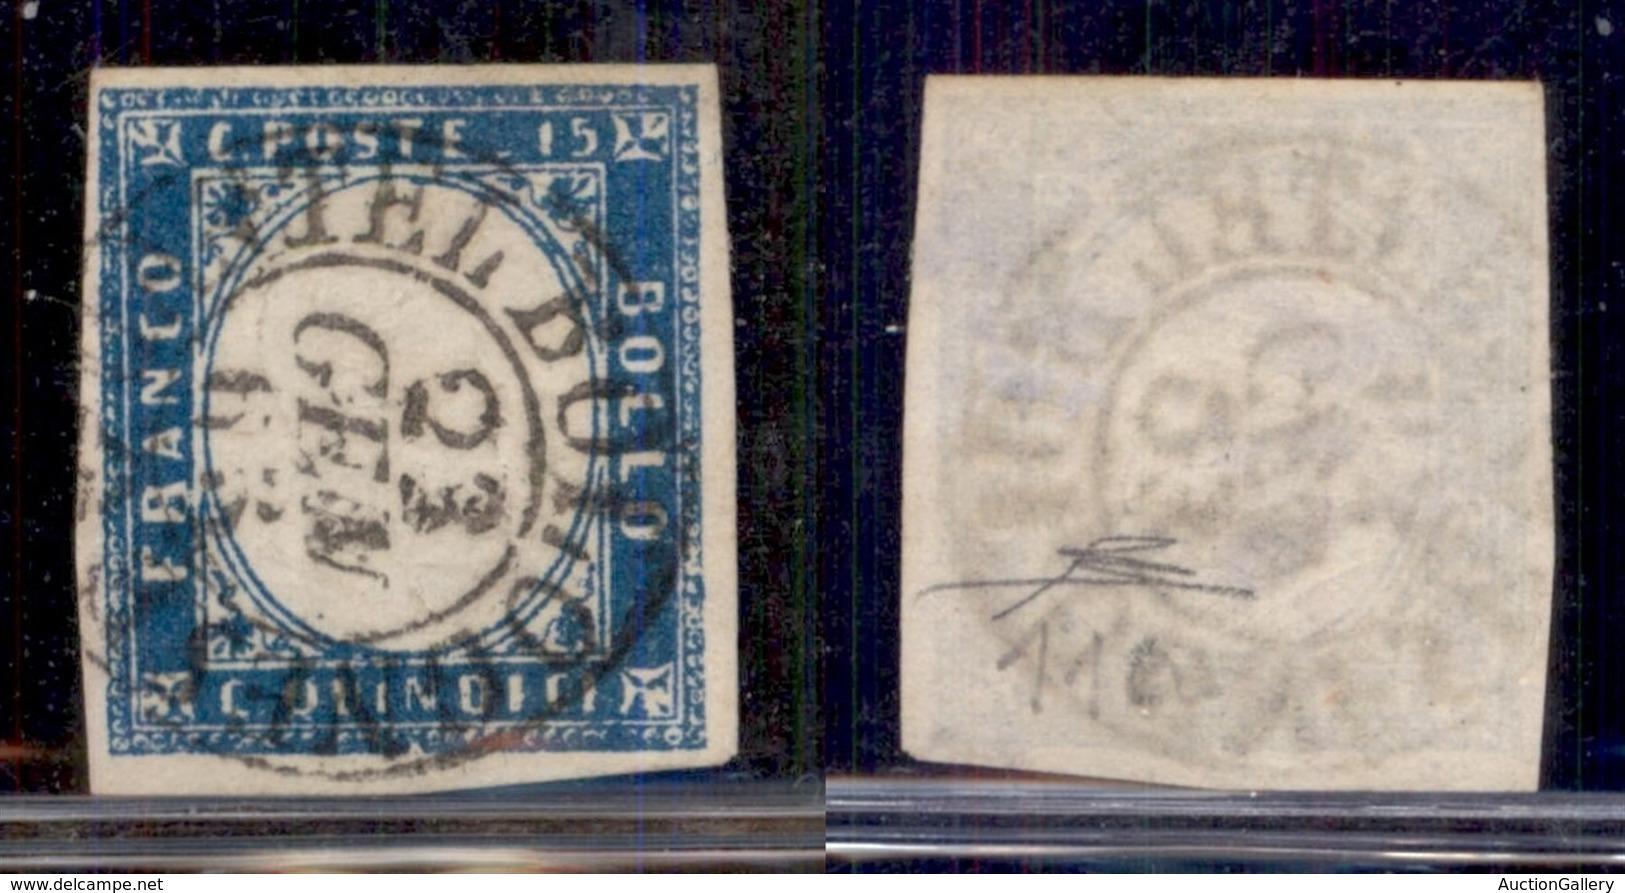 Regno - Posta Ordinaria  - 1863 - 20 Cent (11c - Cobalto Latteo) - Usato A Castel Bolognese 23.1.63 - Cert Diena (2000) - Unclassified